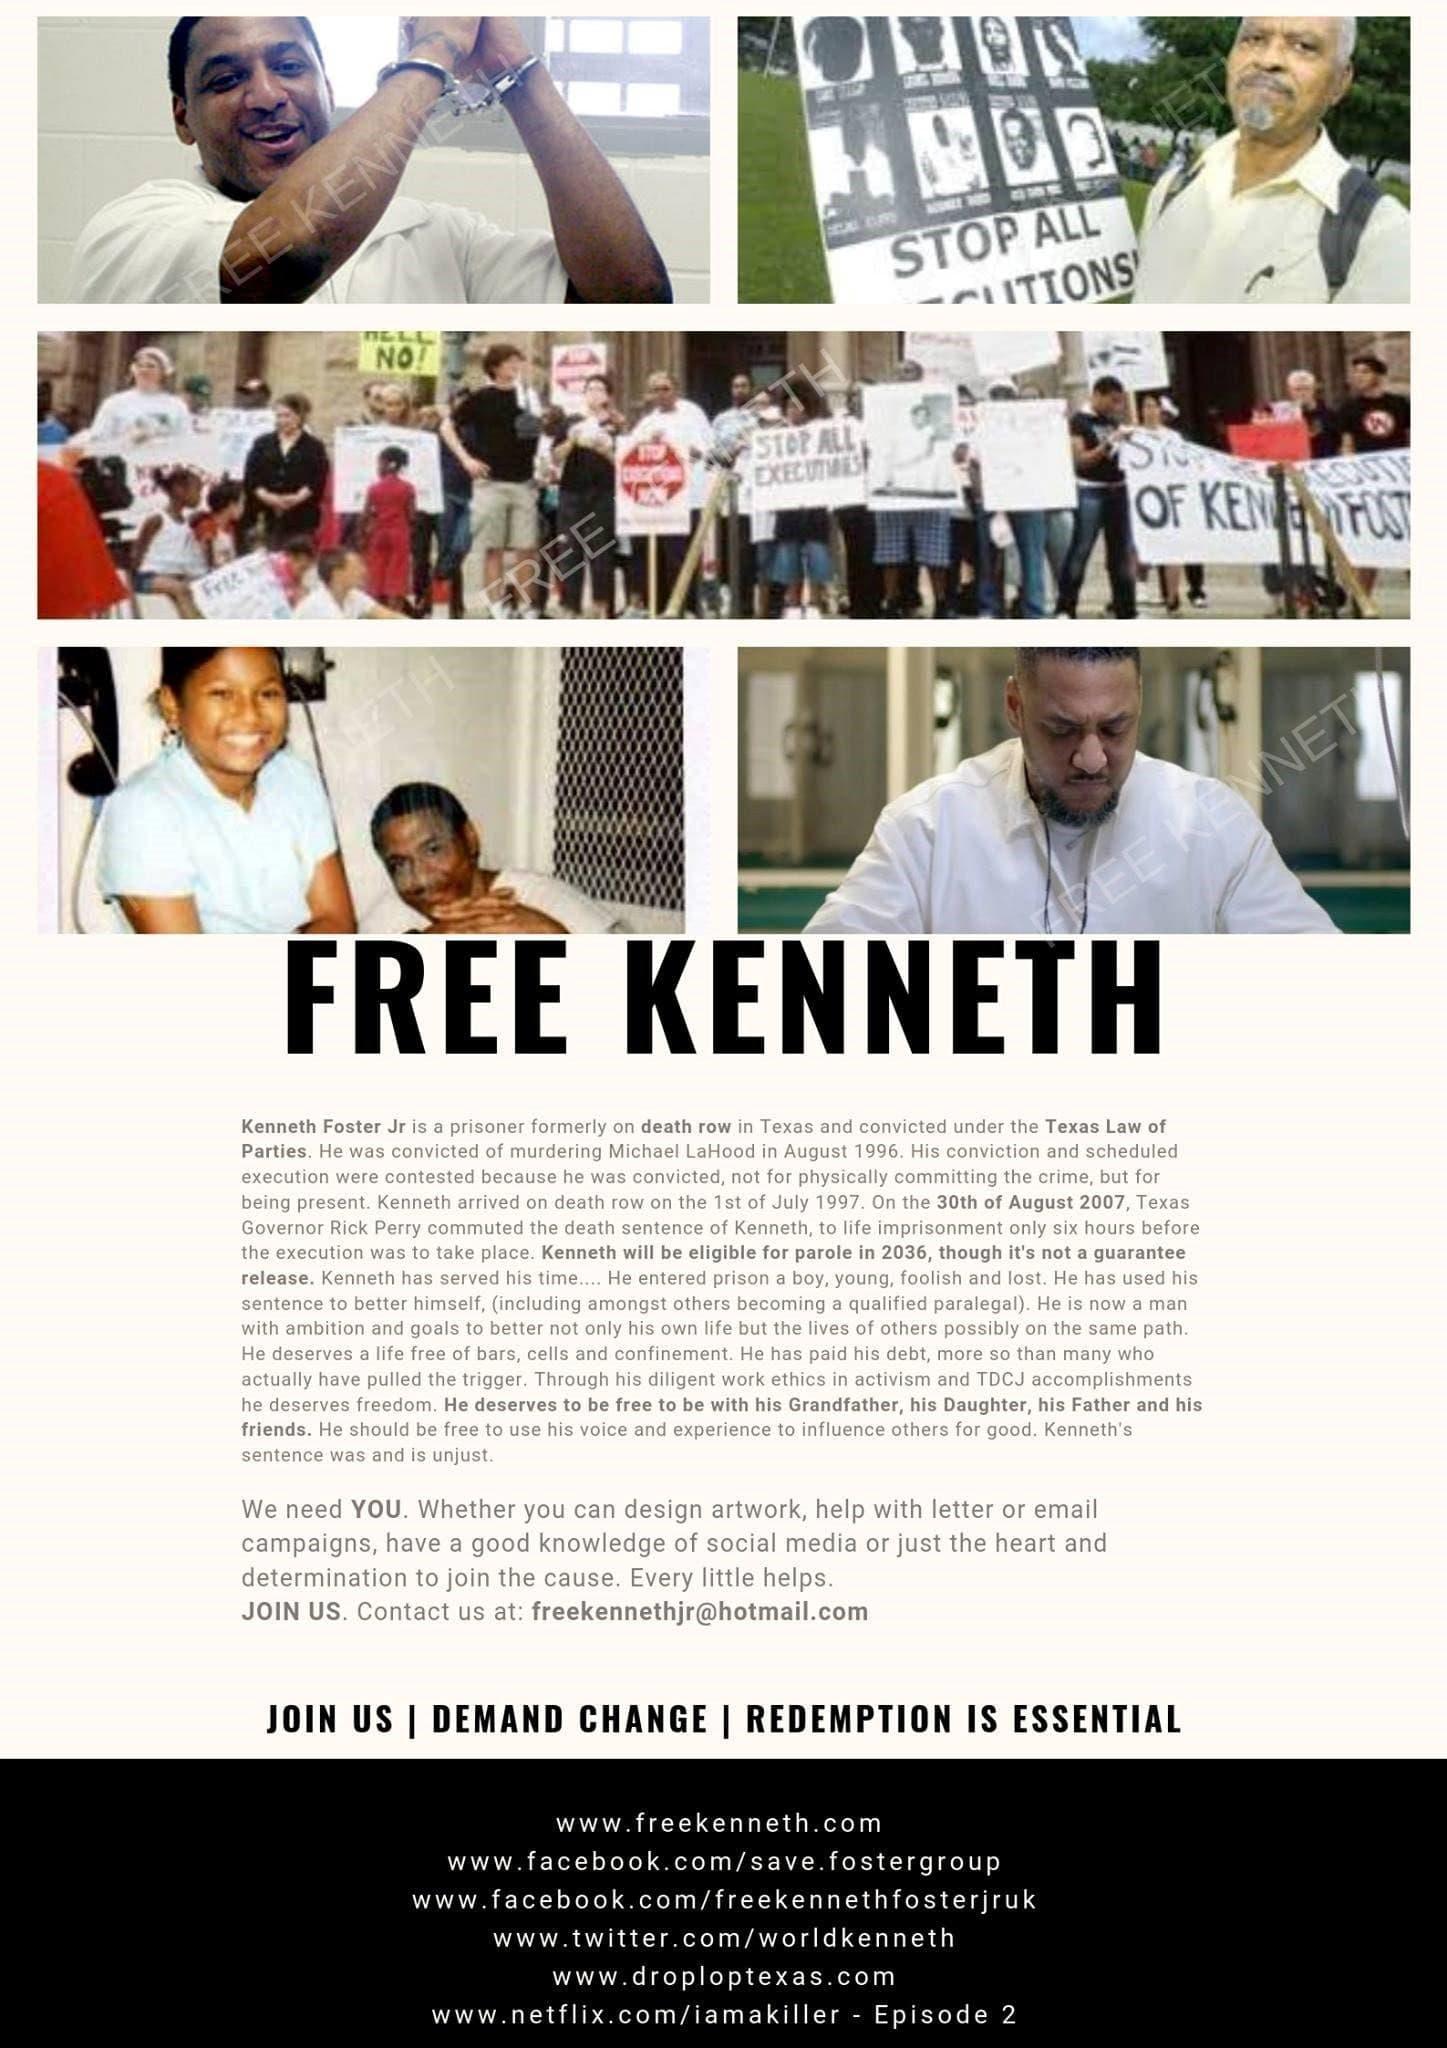 free kenneth